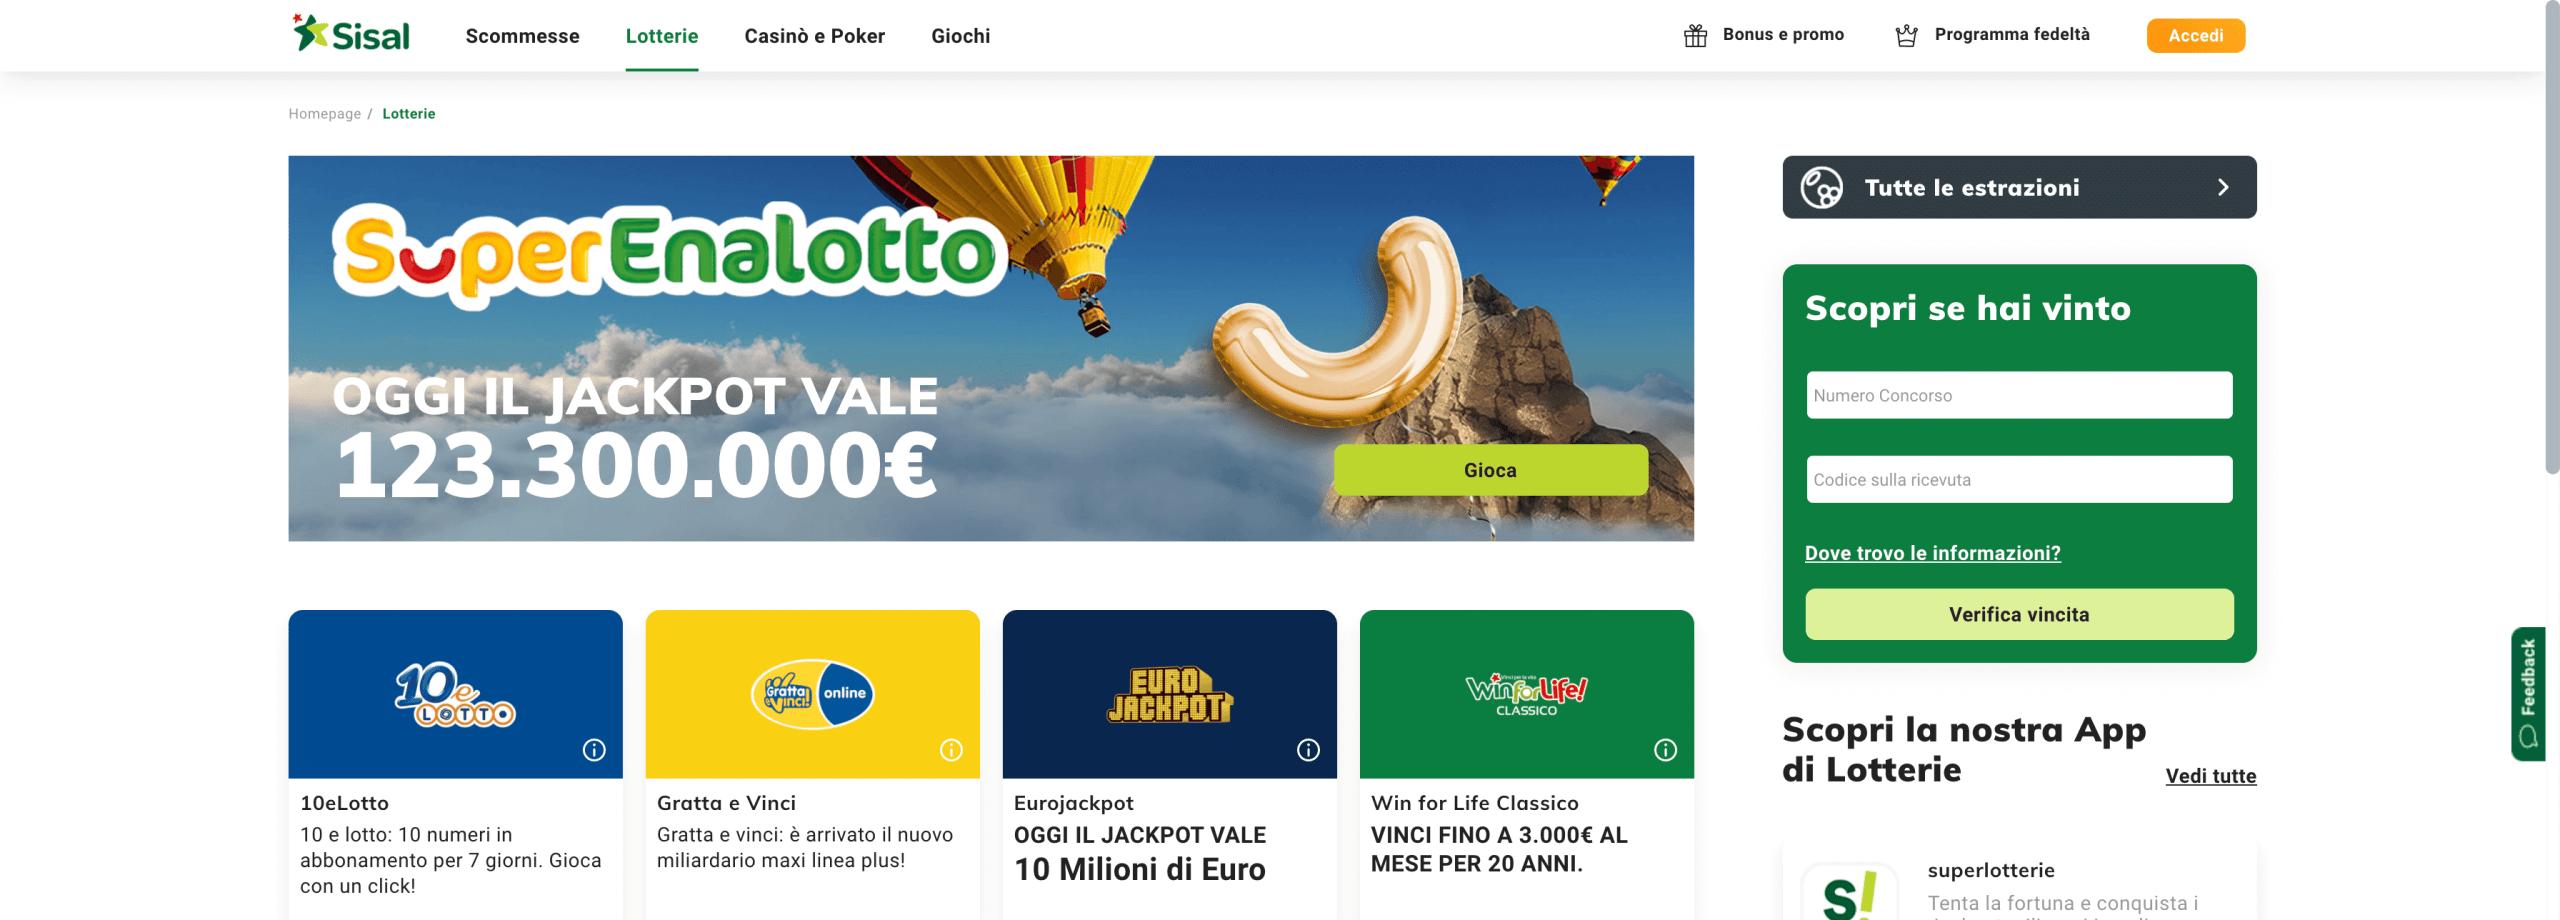 Sisal Lotterie